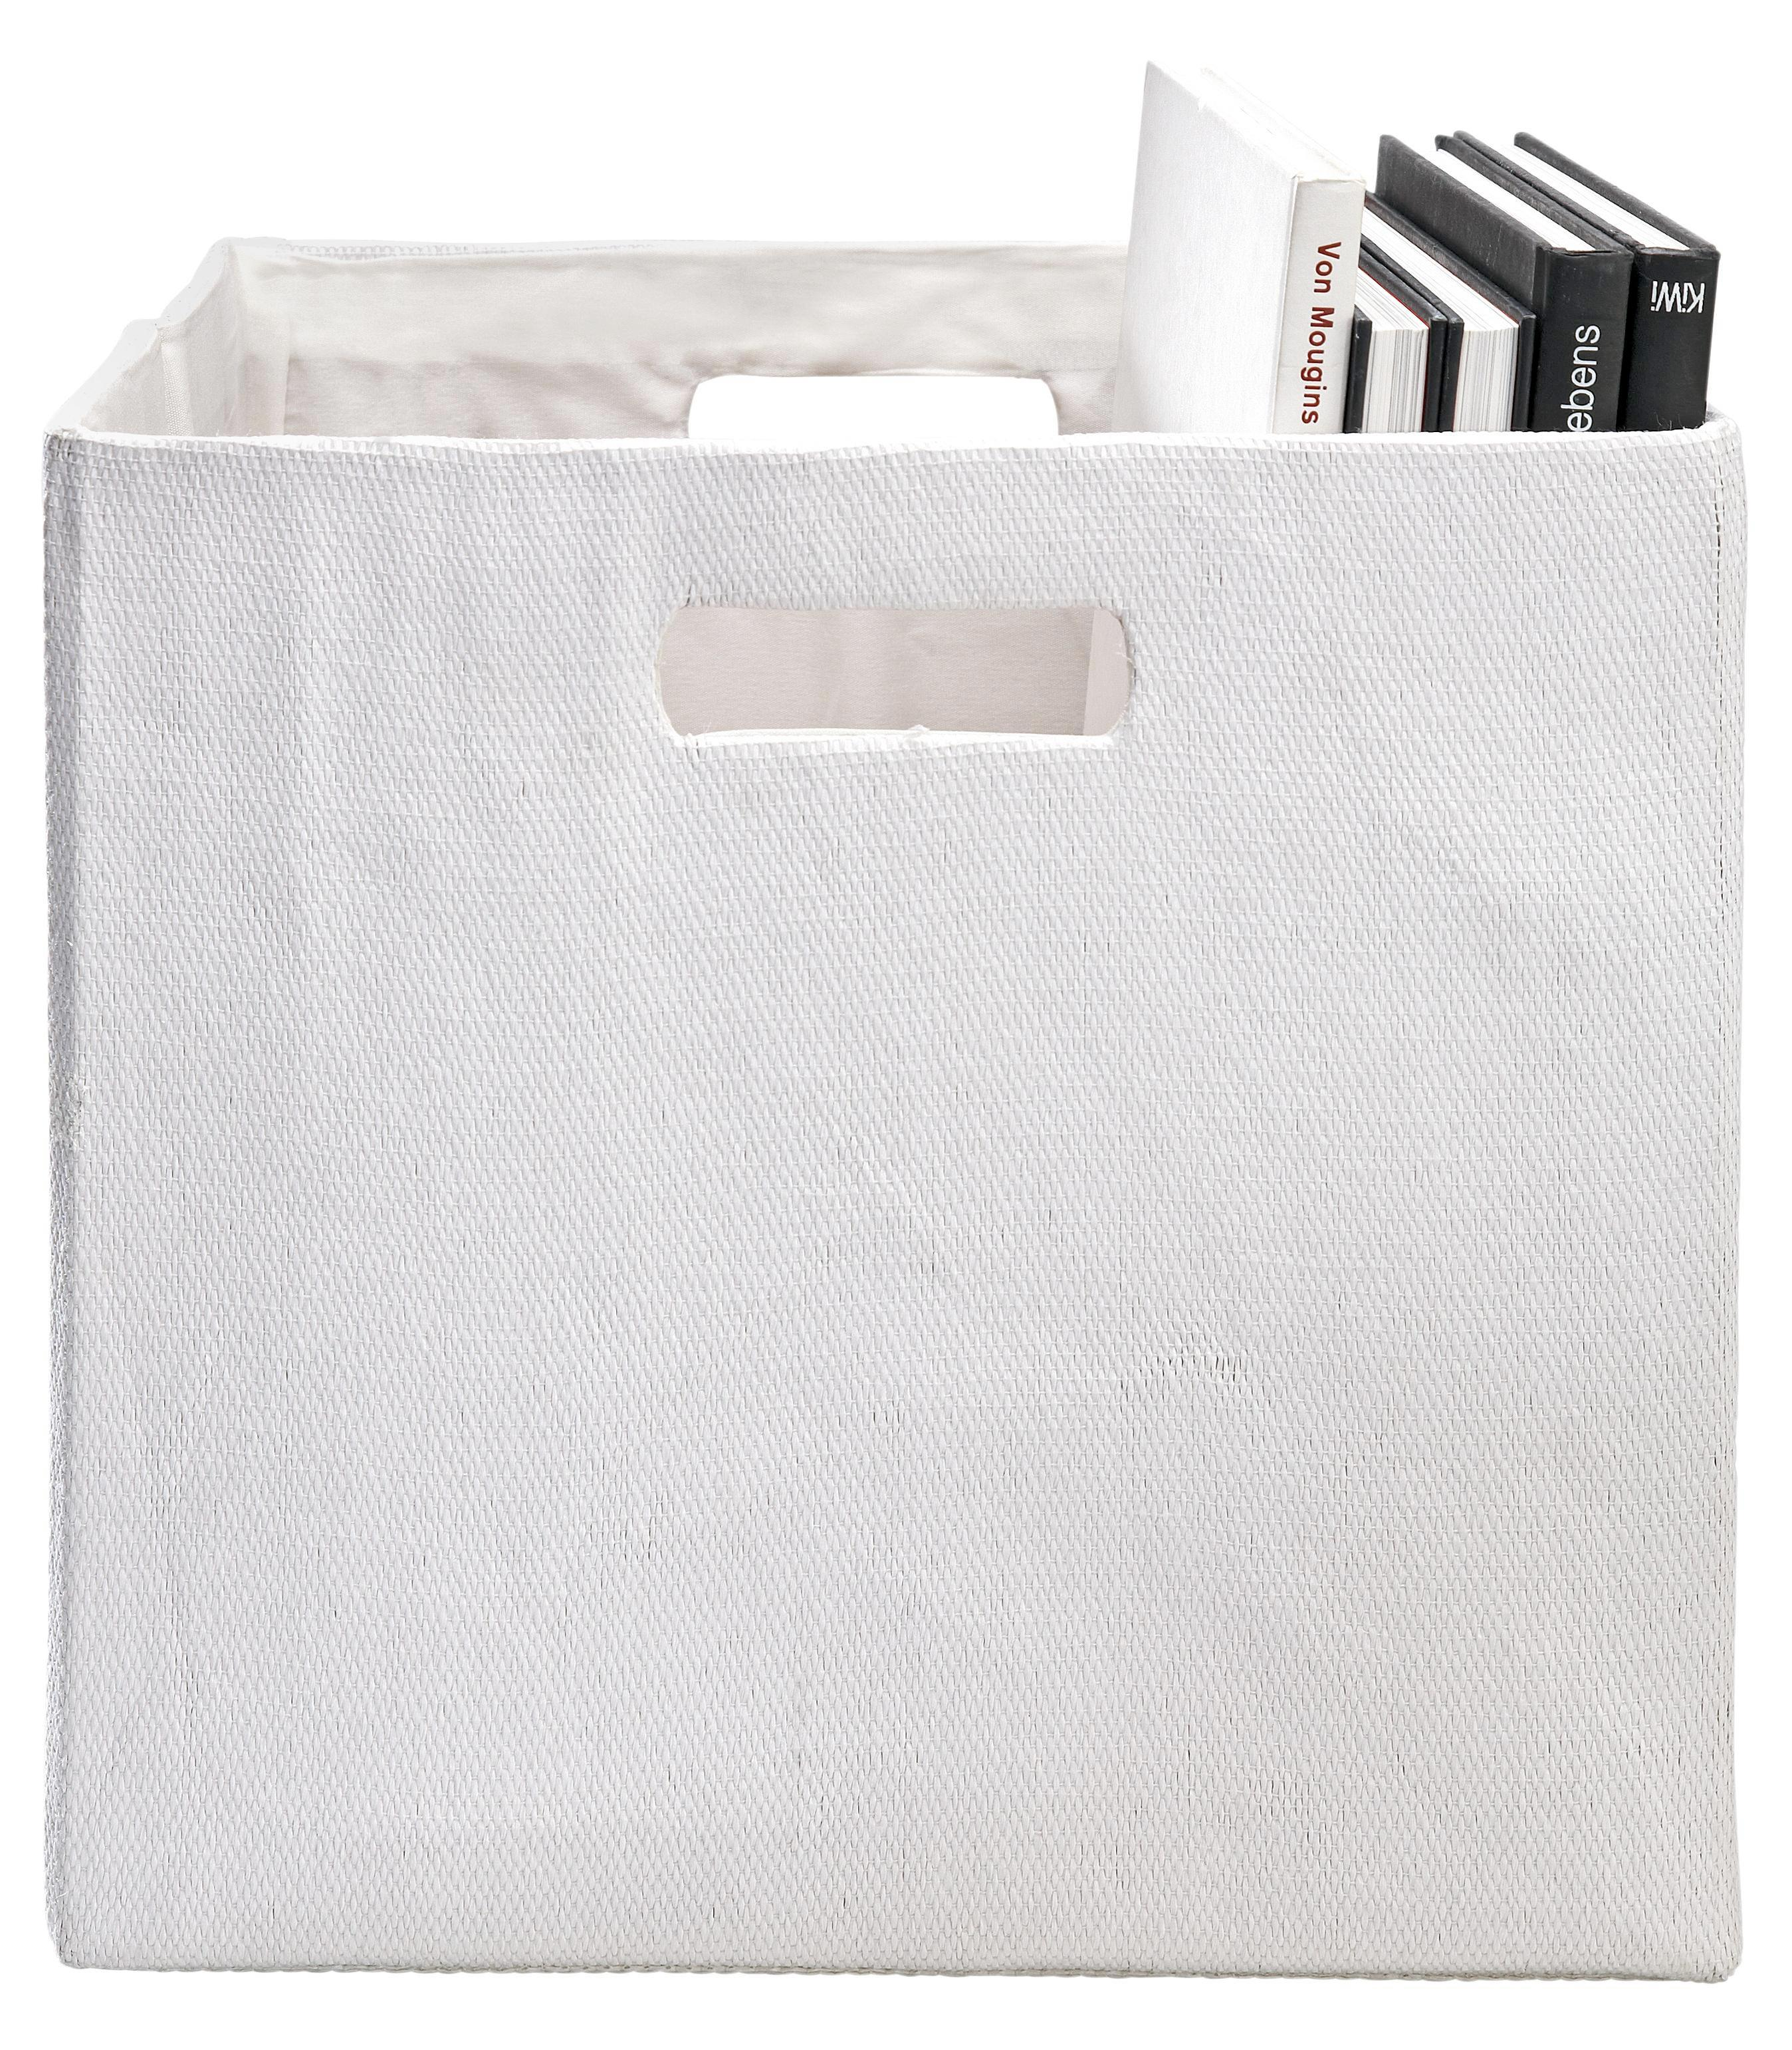 Škatla Za Shranjevanje Bobby - bela, Moderno, tekstil (33/33/32cm) - MÖMAX modern living